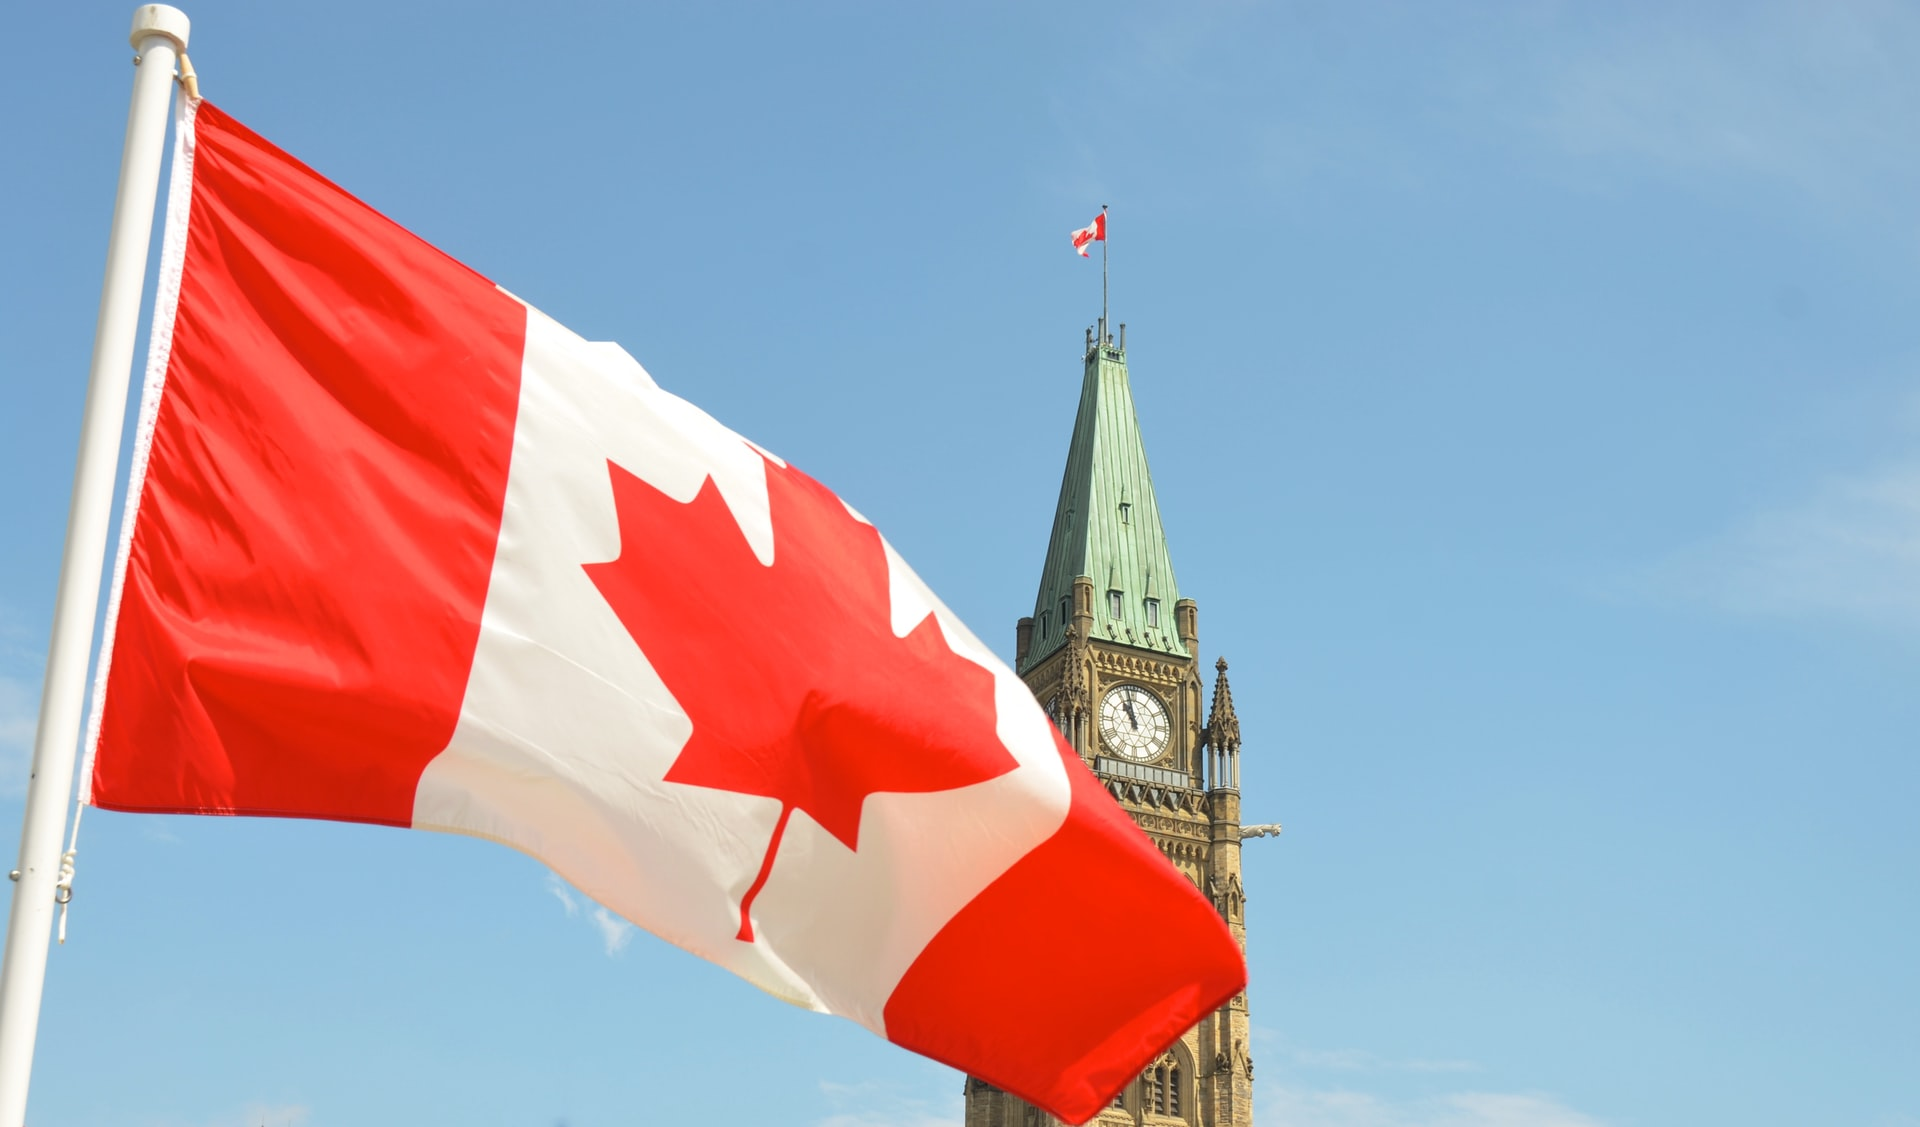 Holiday Spots Visit Canada Header Image